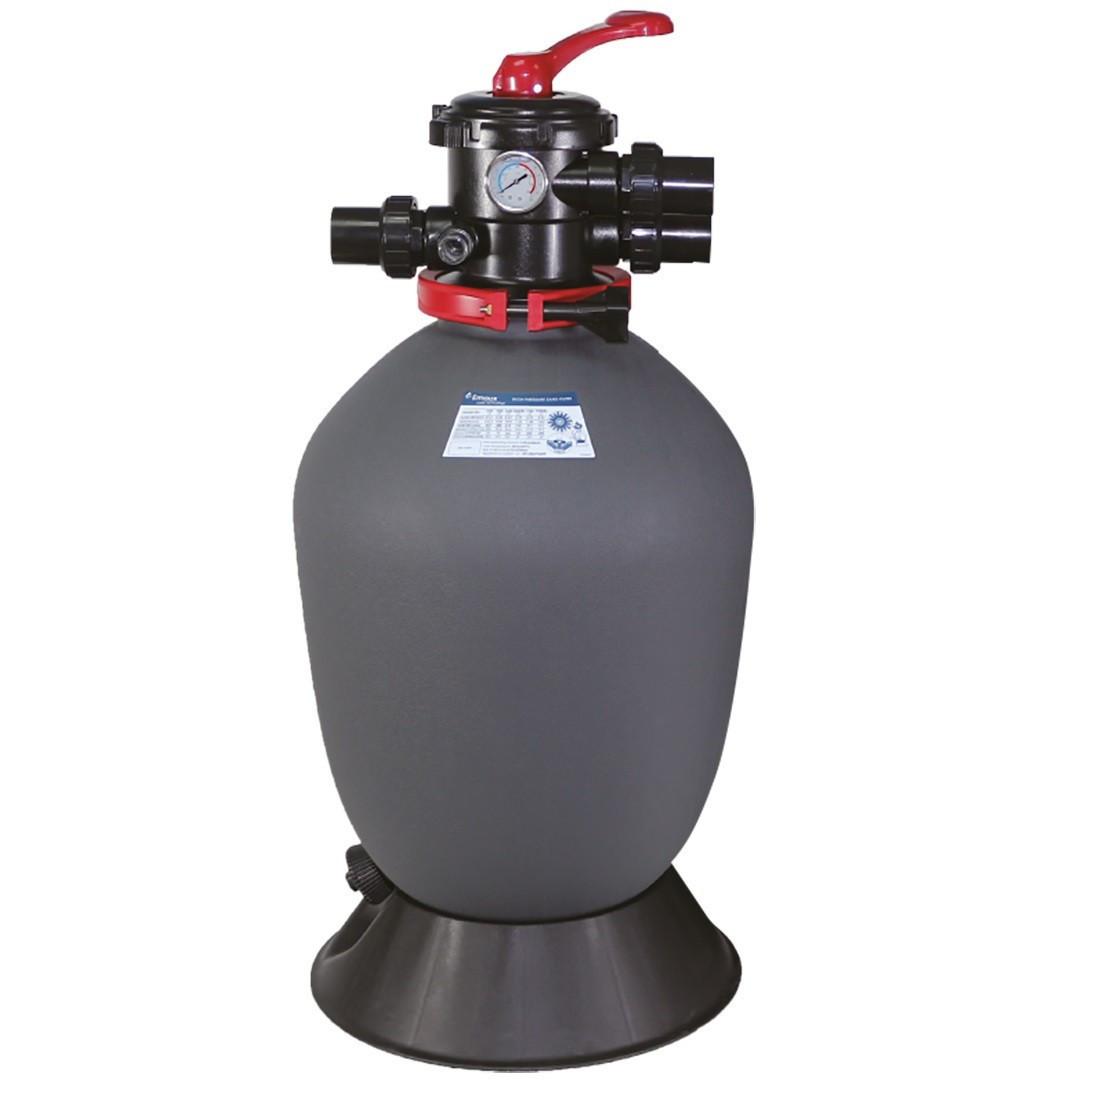 Фильтр Emaux T700 Volumetric (19.5 м3/час, D711) для бассейна с объёмом воды до 80 м3